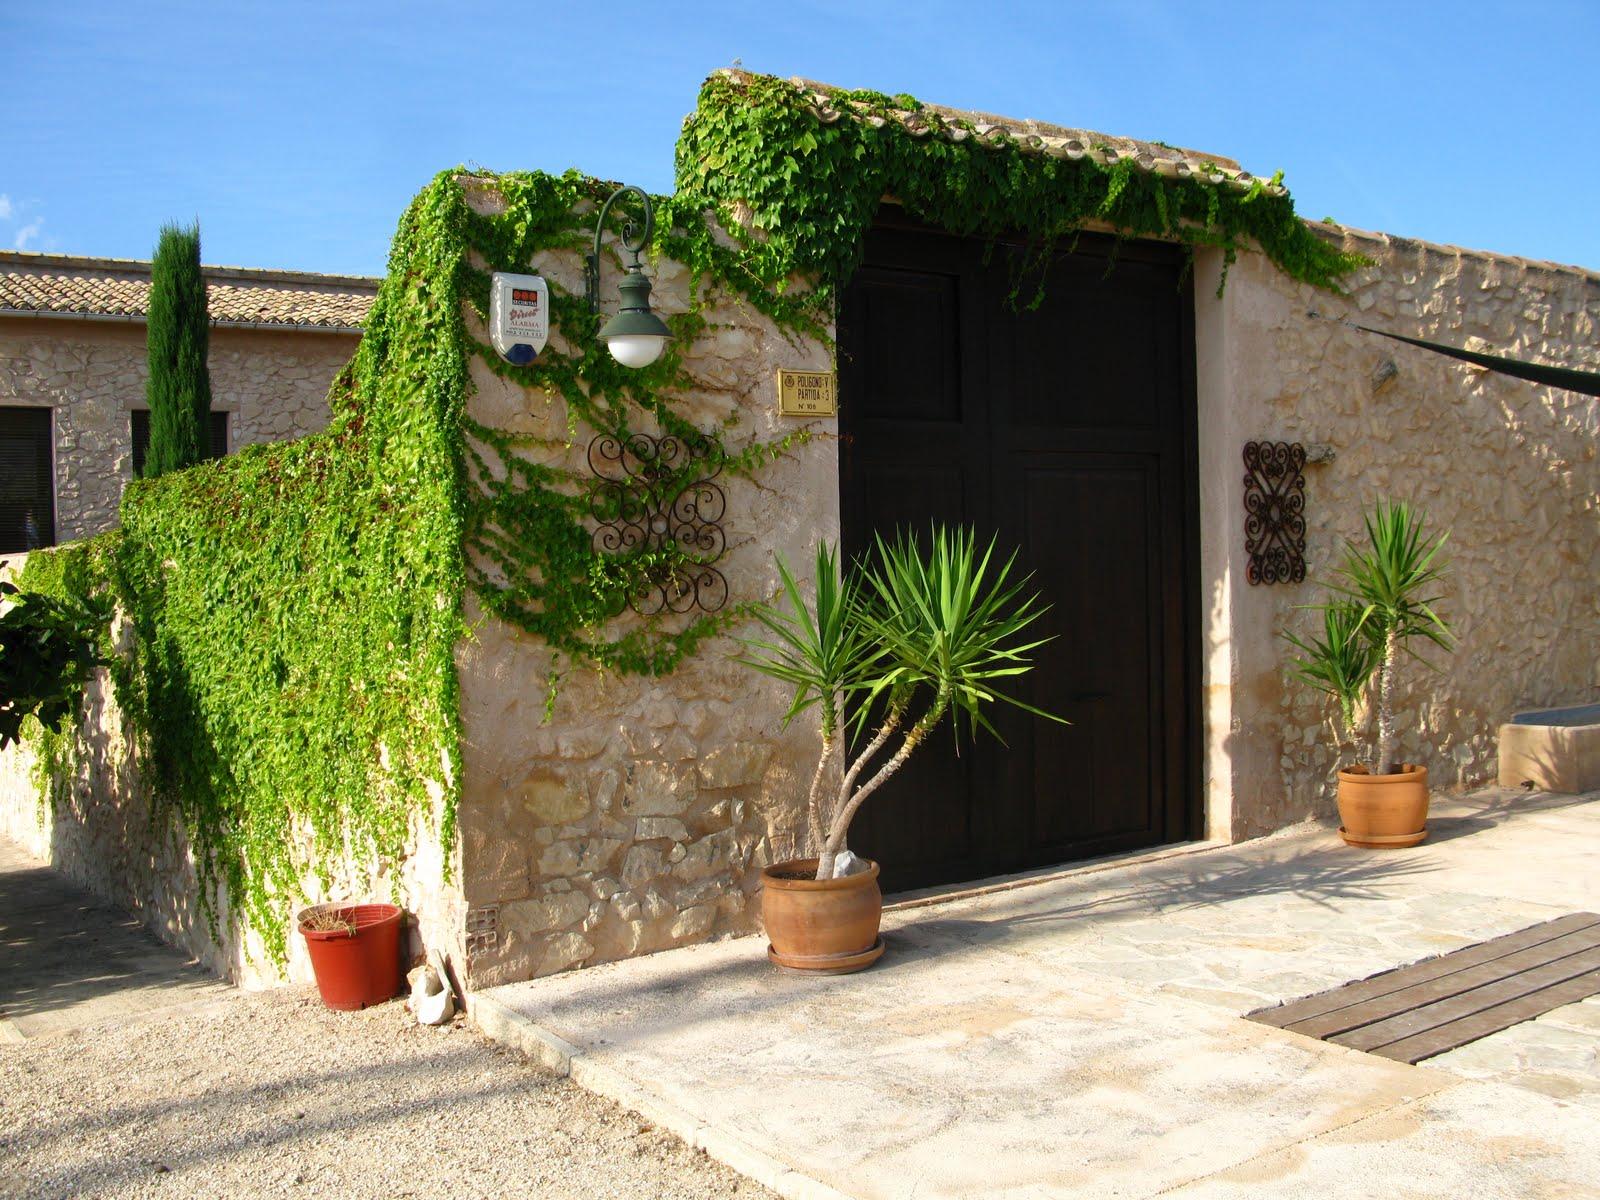 Bienvenidos Jardiner A Benidorm Jardineros Alicante